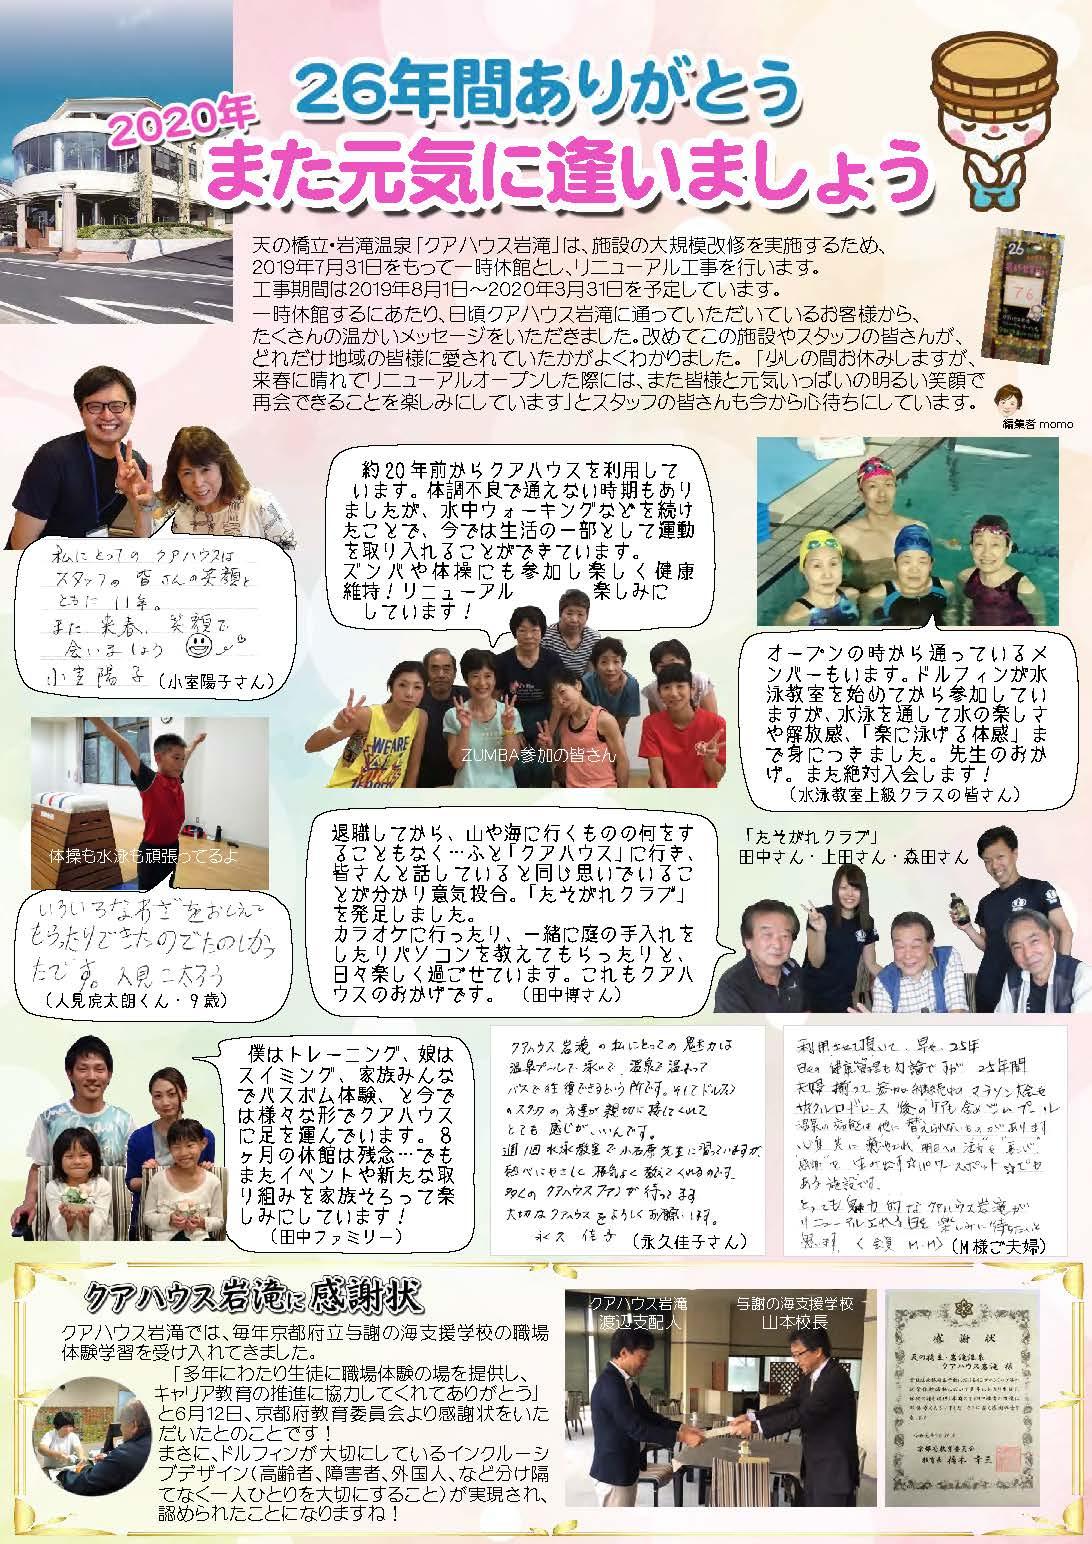 ドルフィン広報誌7月号校了_ページ_5